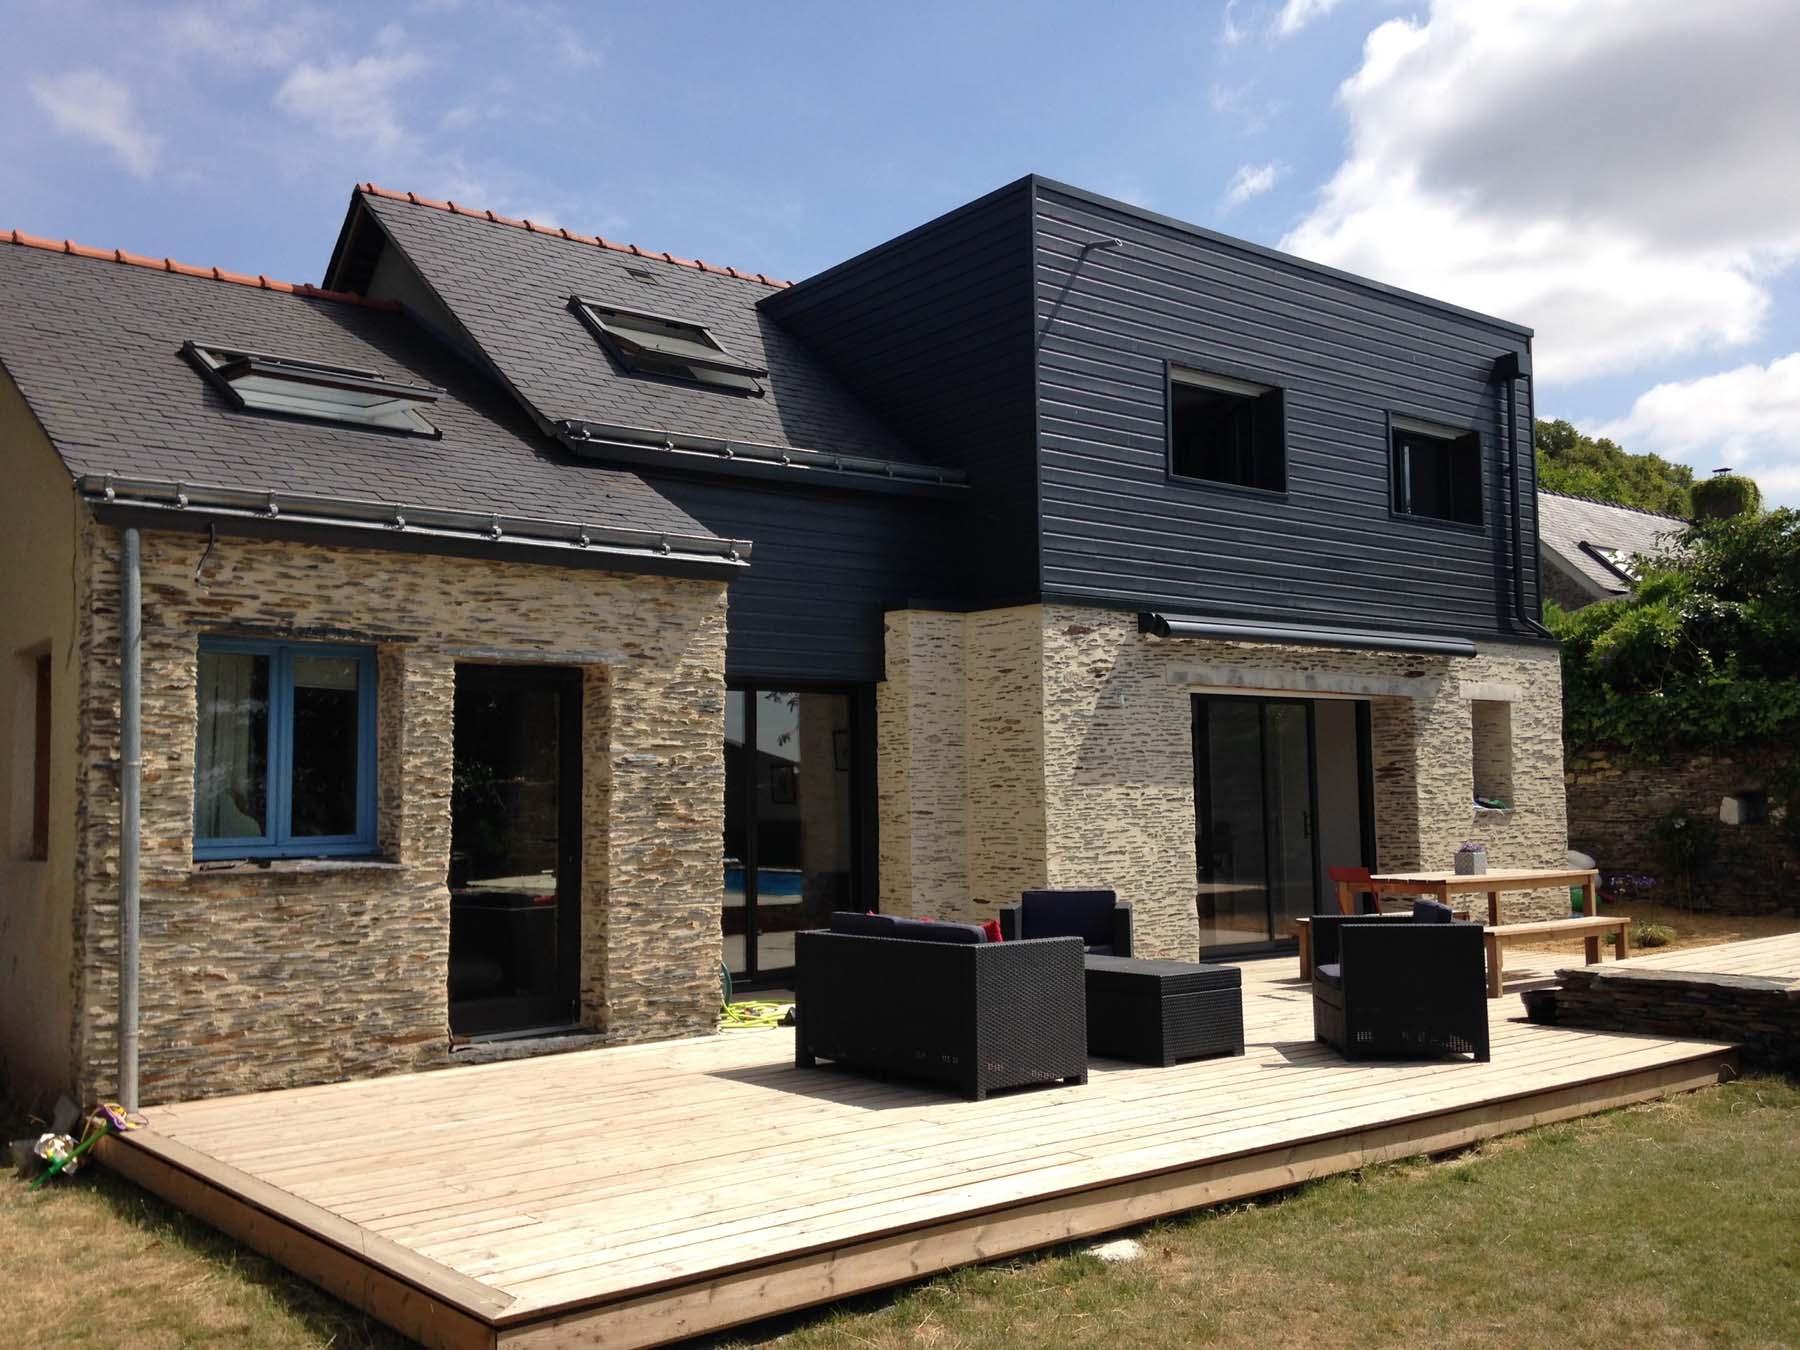 Réalisation d'une extension et aménagement intérieur près d'Angers